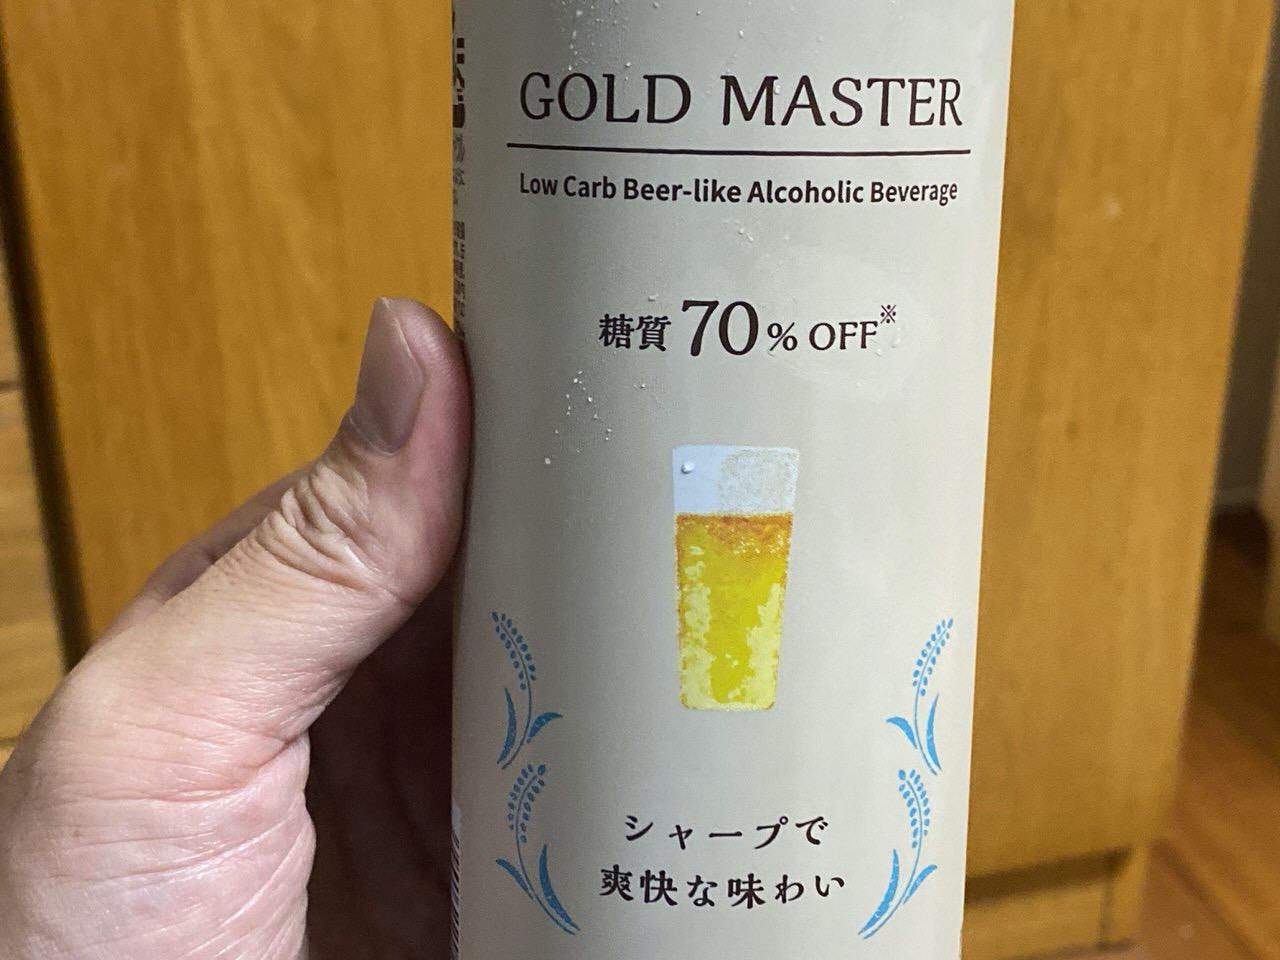 【ローソン】「ゴールドマスター」1